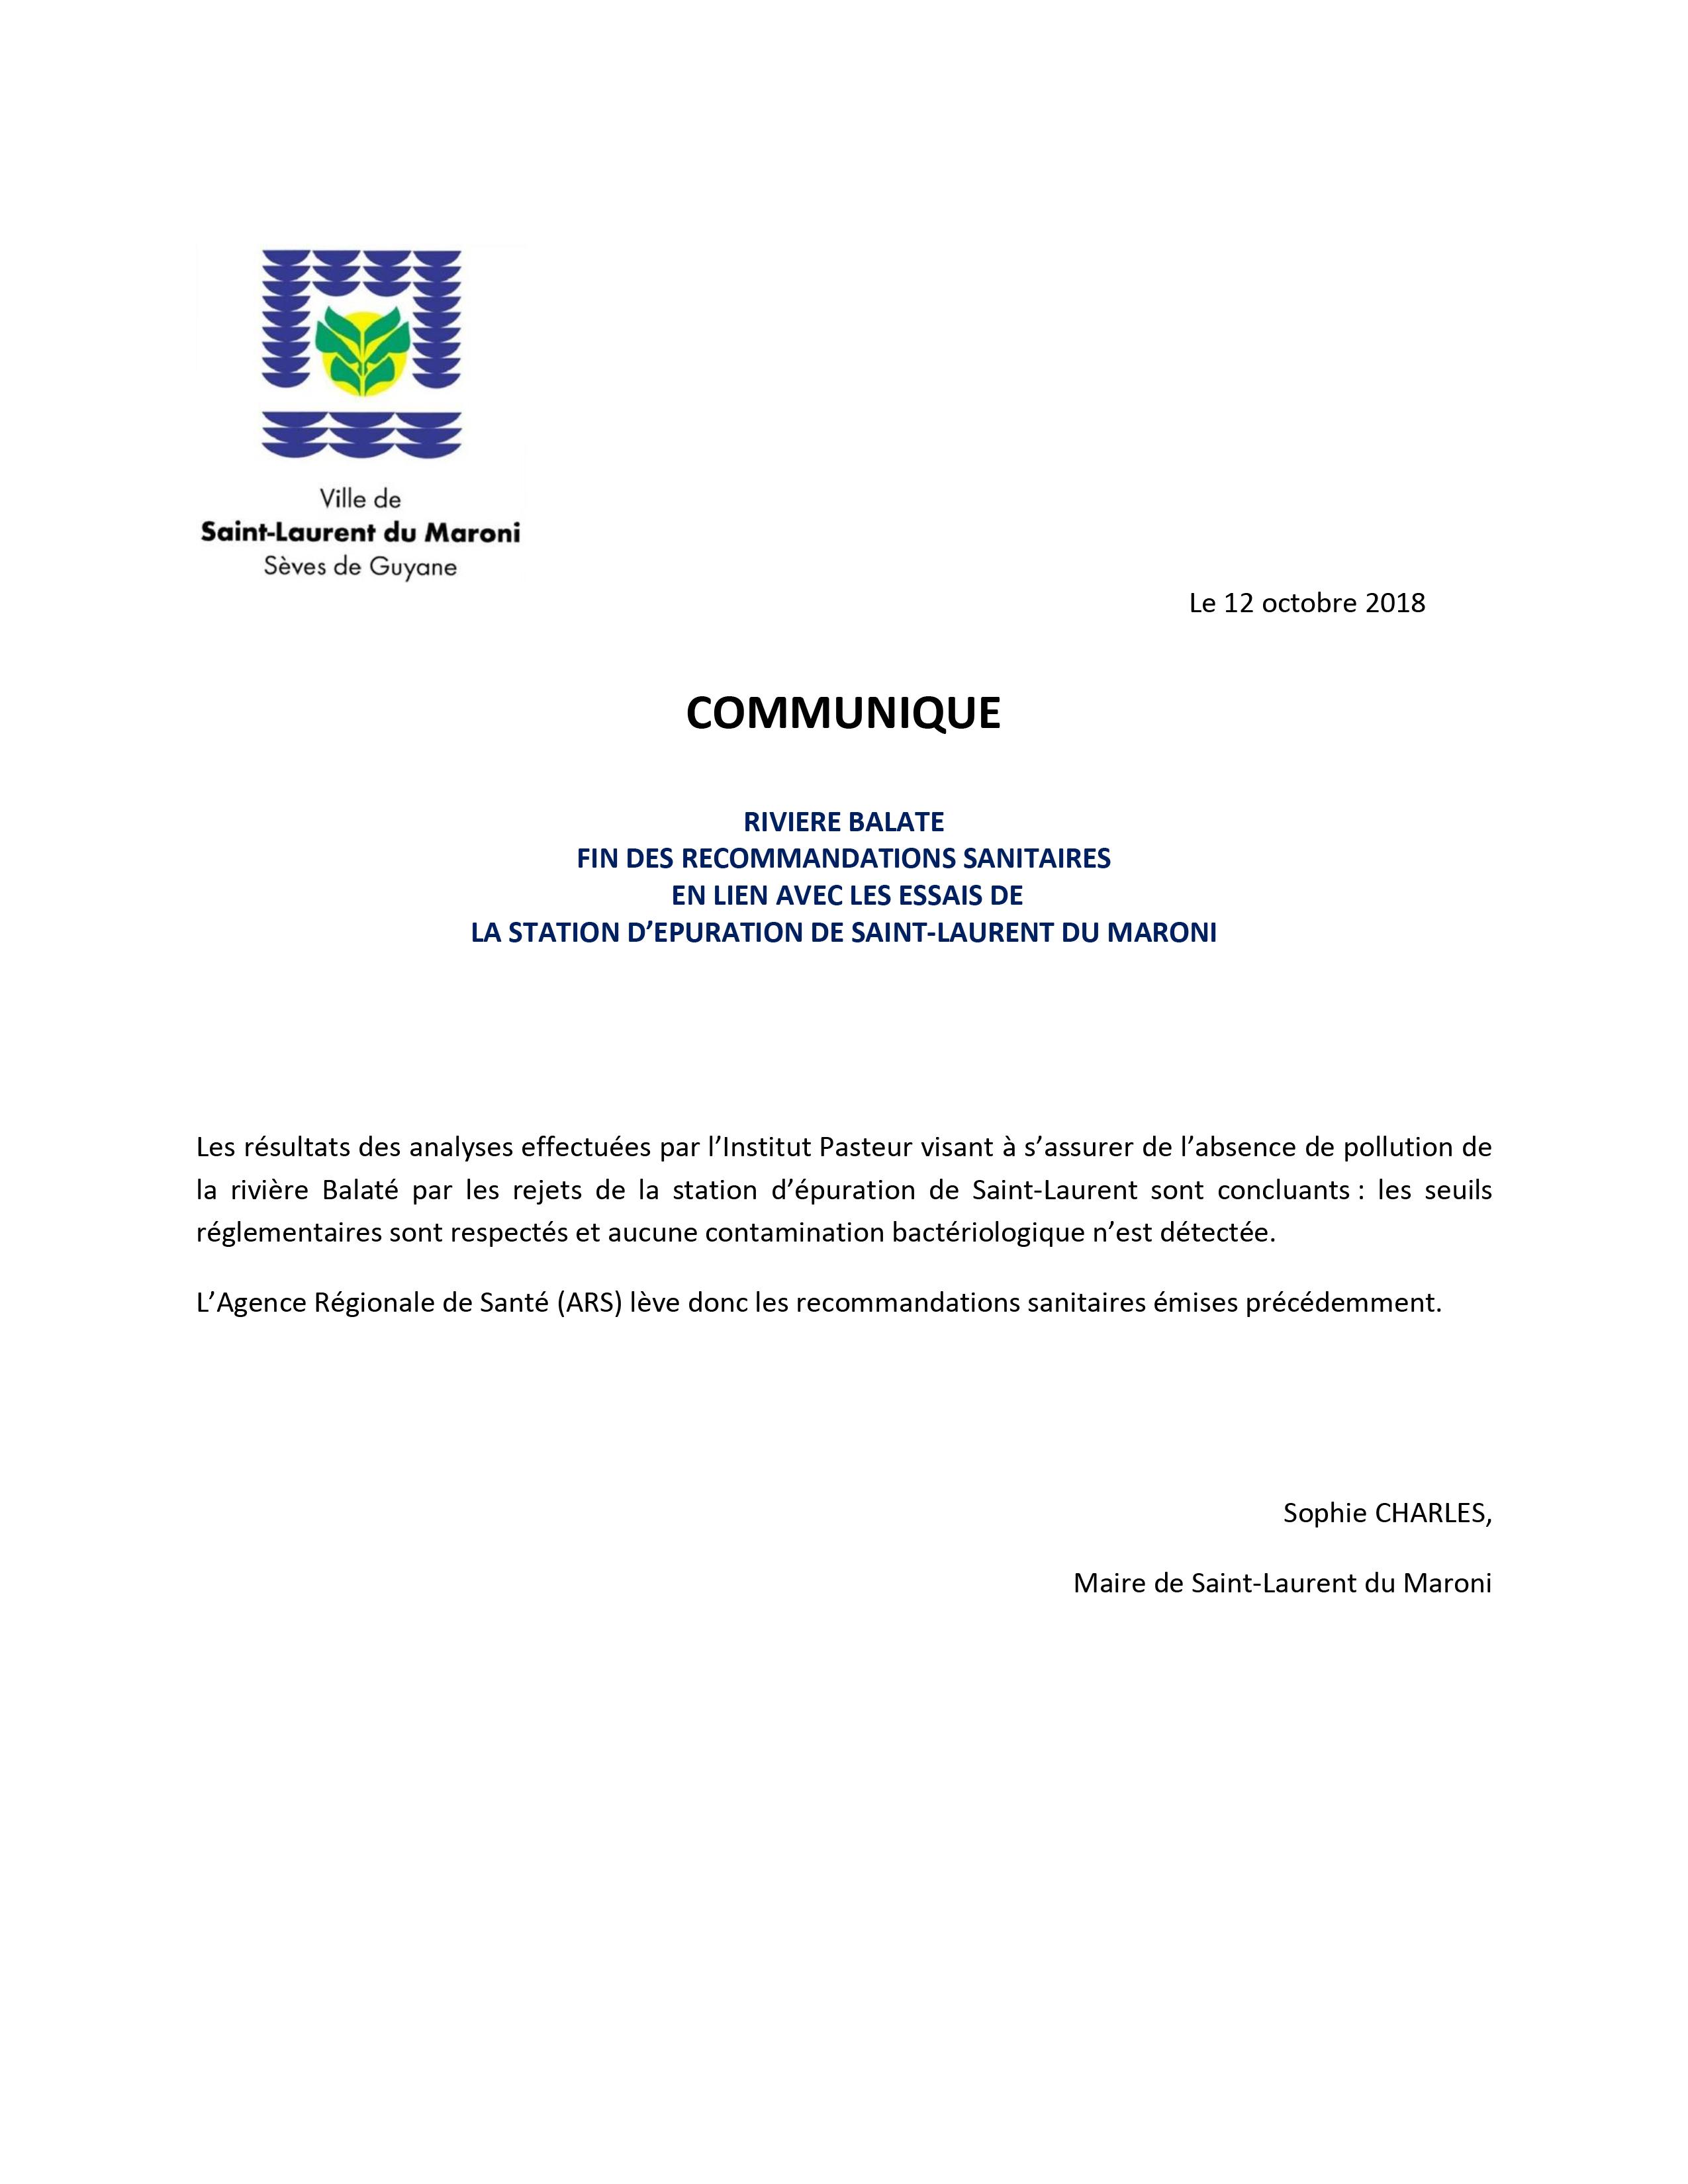 [Communiqué] : fin des recommandations sanitaires concernant la rivière Balaté